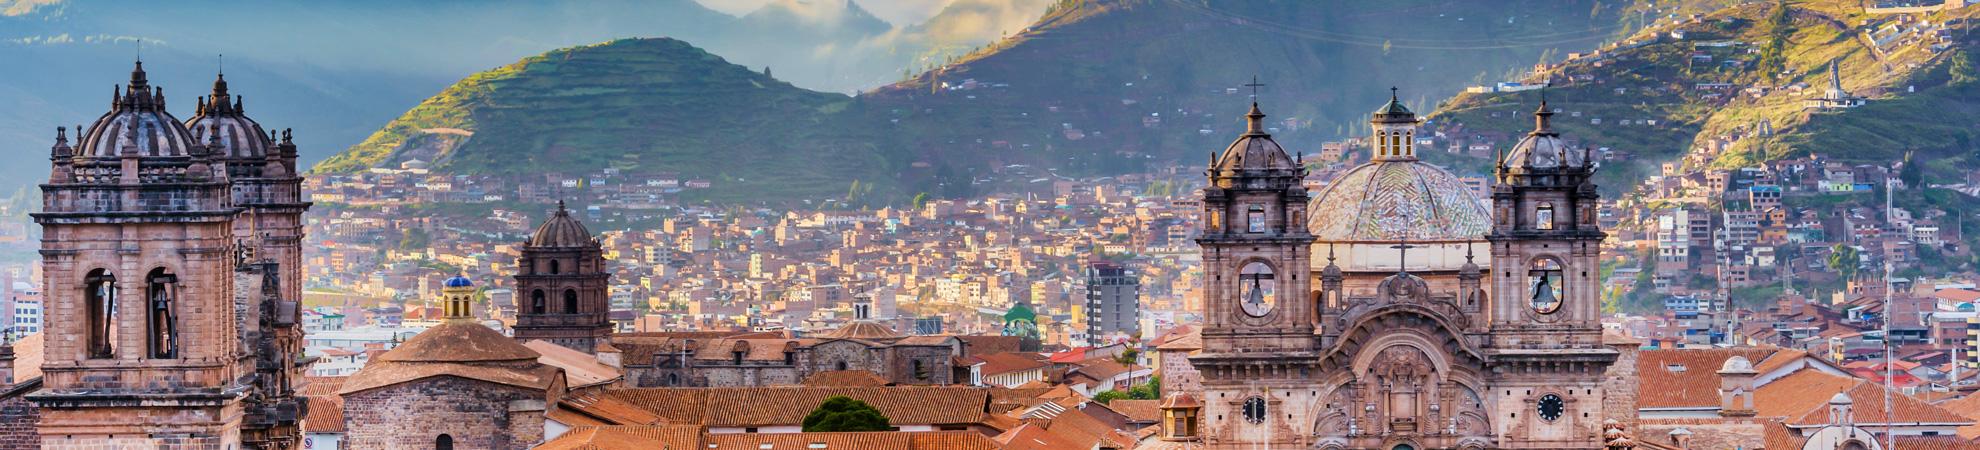 Adresses utiles au Pérou